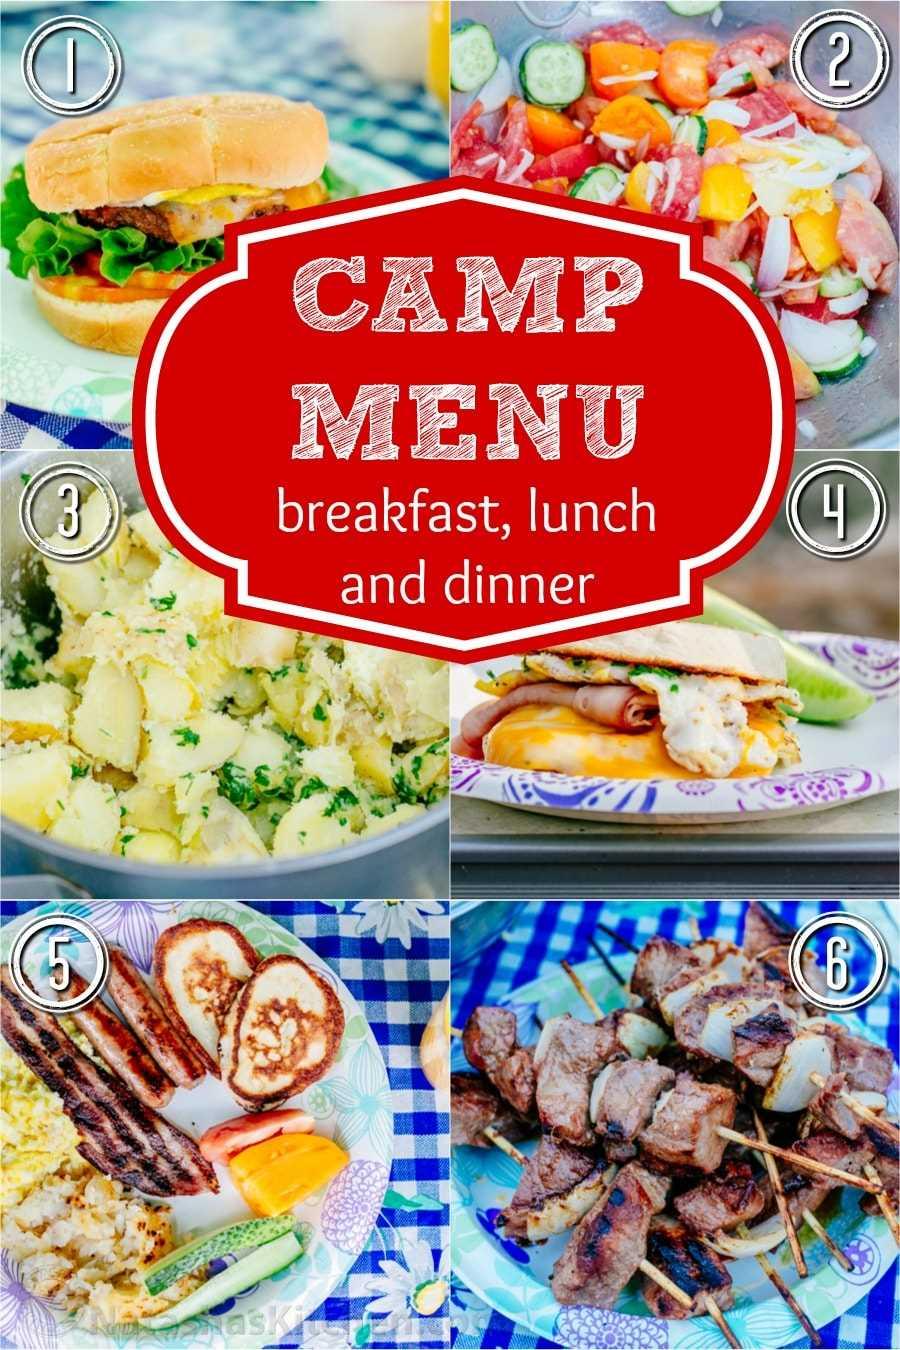 A refeição do acampamento deste ano foi excelente! Compartilhando nossas melhores receitas e idéias de acampamento para café da manhã, almoço e jantar. Isso me faz querer ir acampar novamente! O | natashaskitchen.com